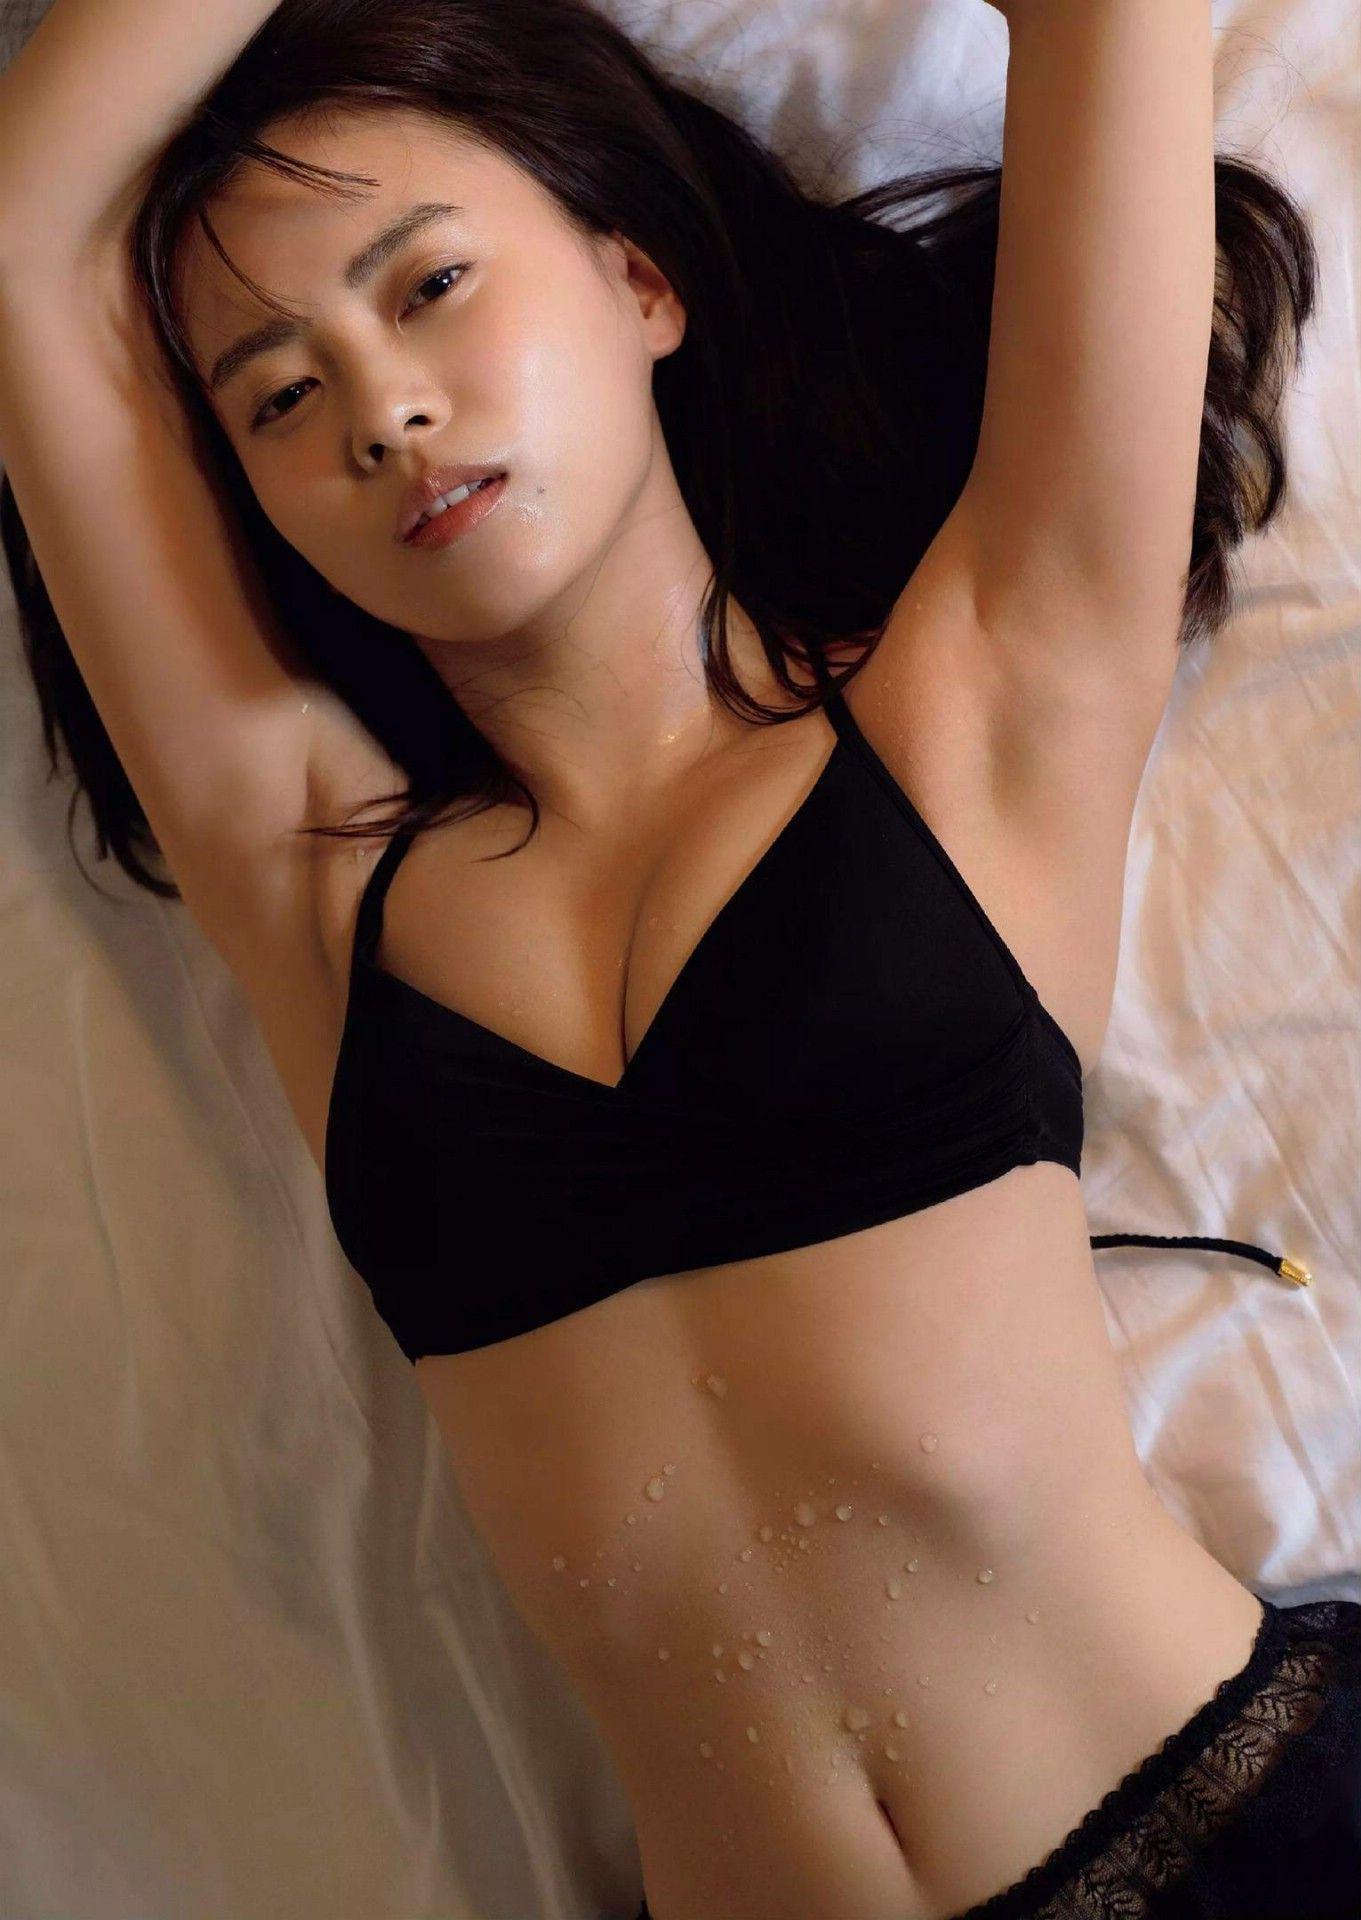 Weekly Playboy 2020-31_32_imgs-0007_2